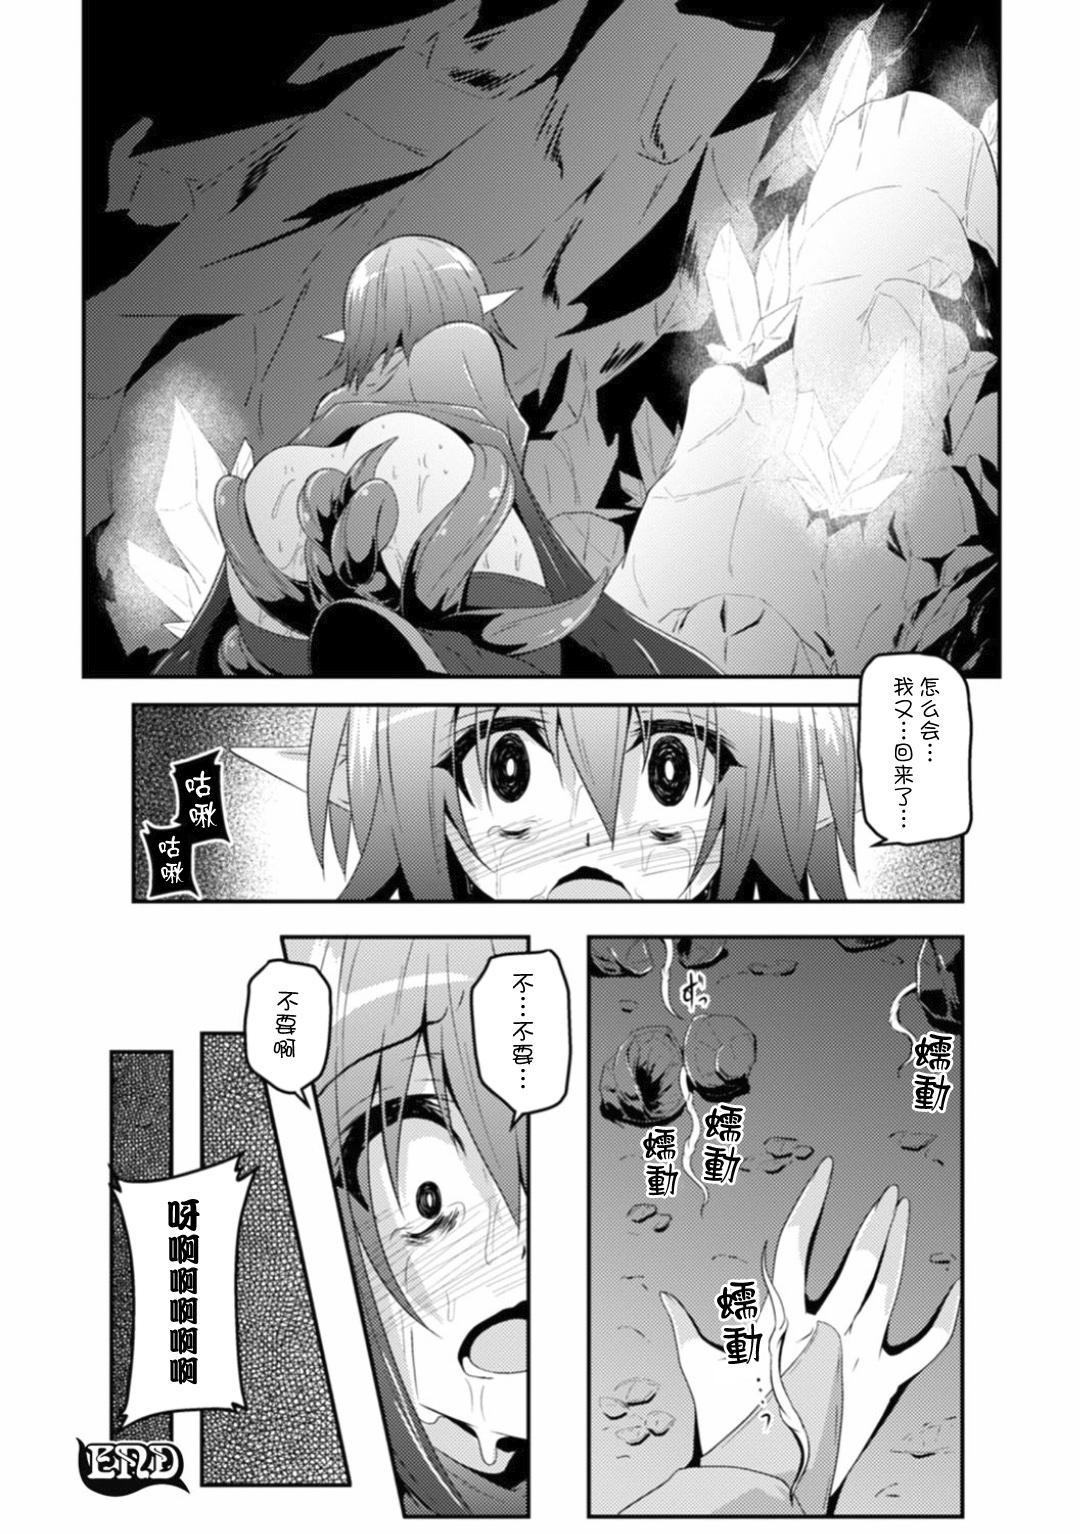 2D Comic Magazine Shokushu ni Kiseisareshi Otome no Karada Vol. 1 42